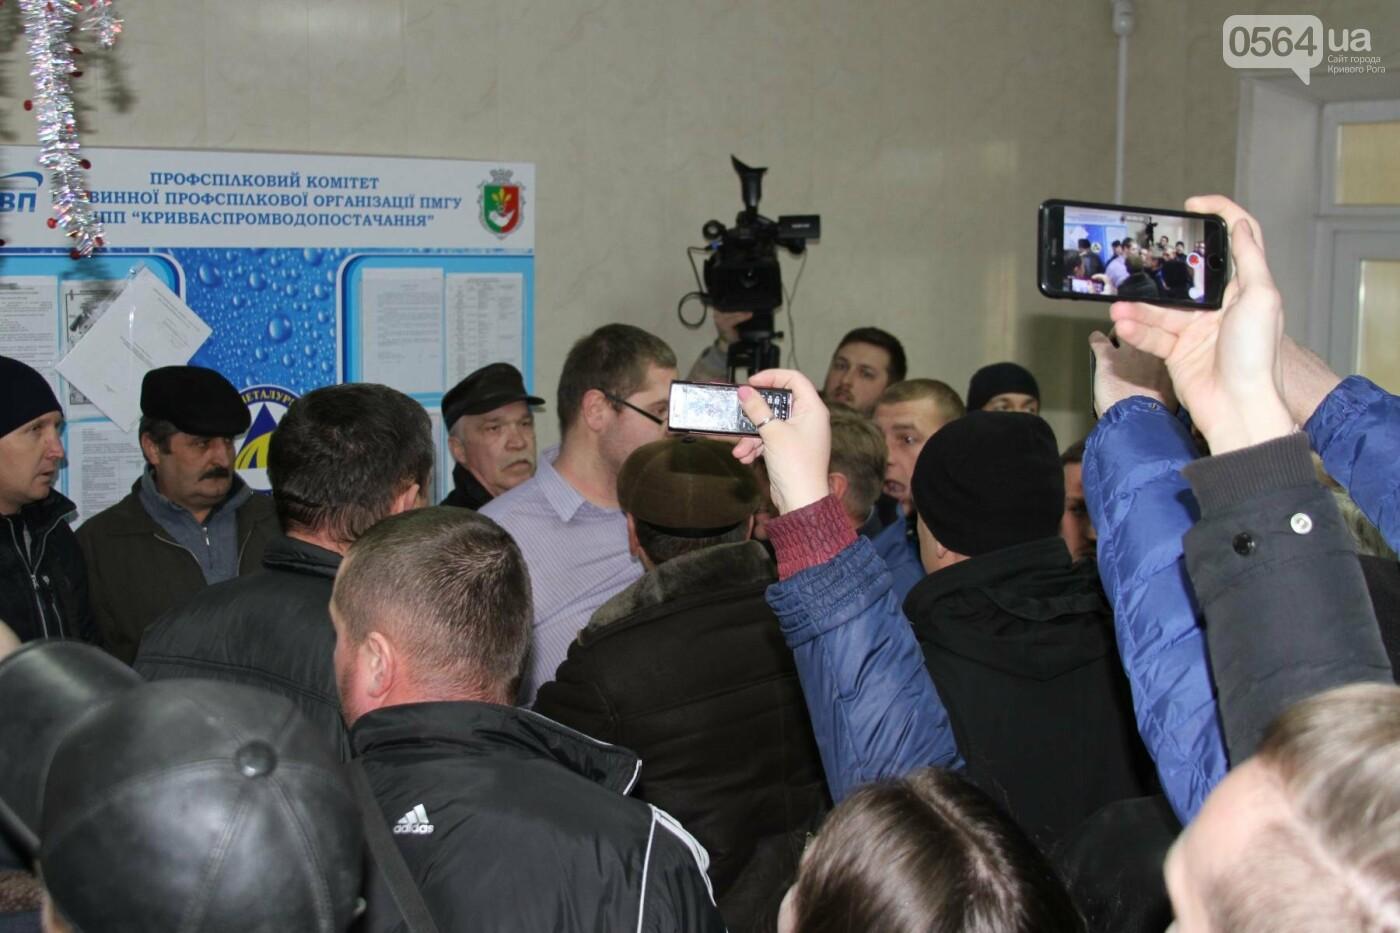 """Работники """"КривбассПВС"""" готовы бороться против рейдерского захвата стратегического госпредприятия (ФОТО, ВИДЕО), фото-11"""